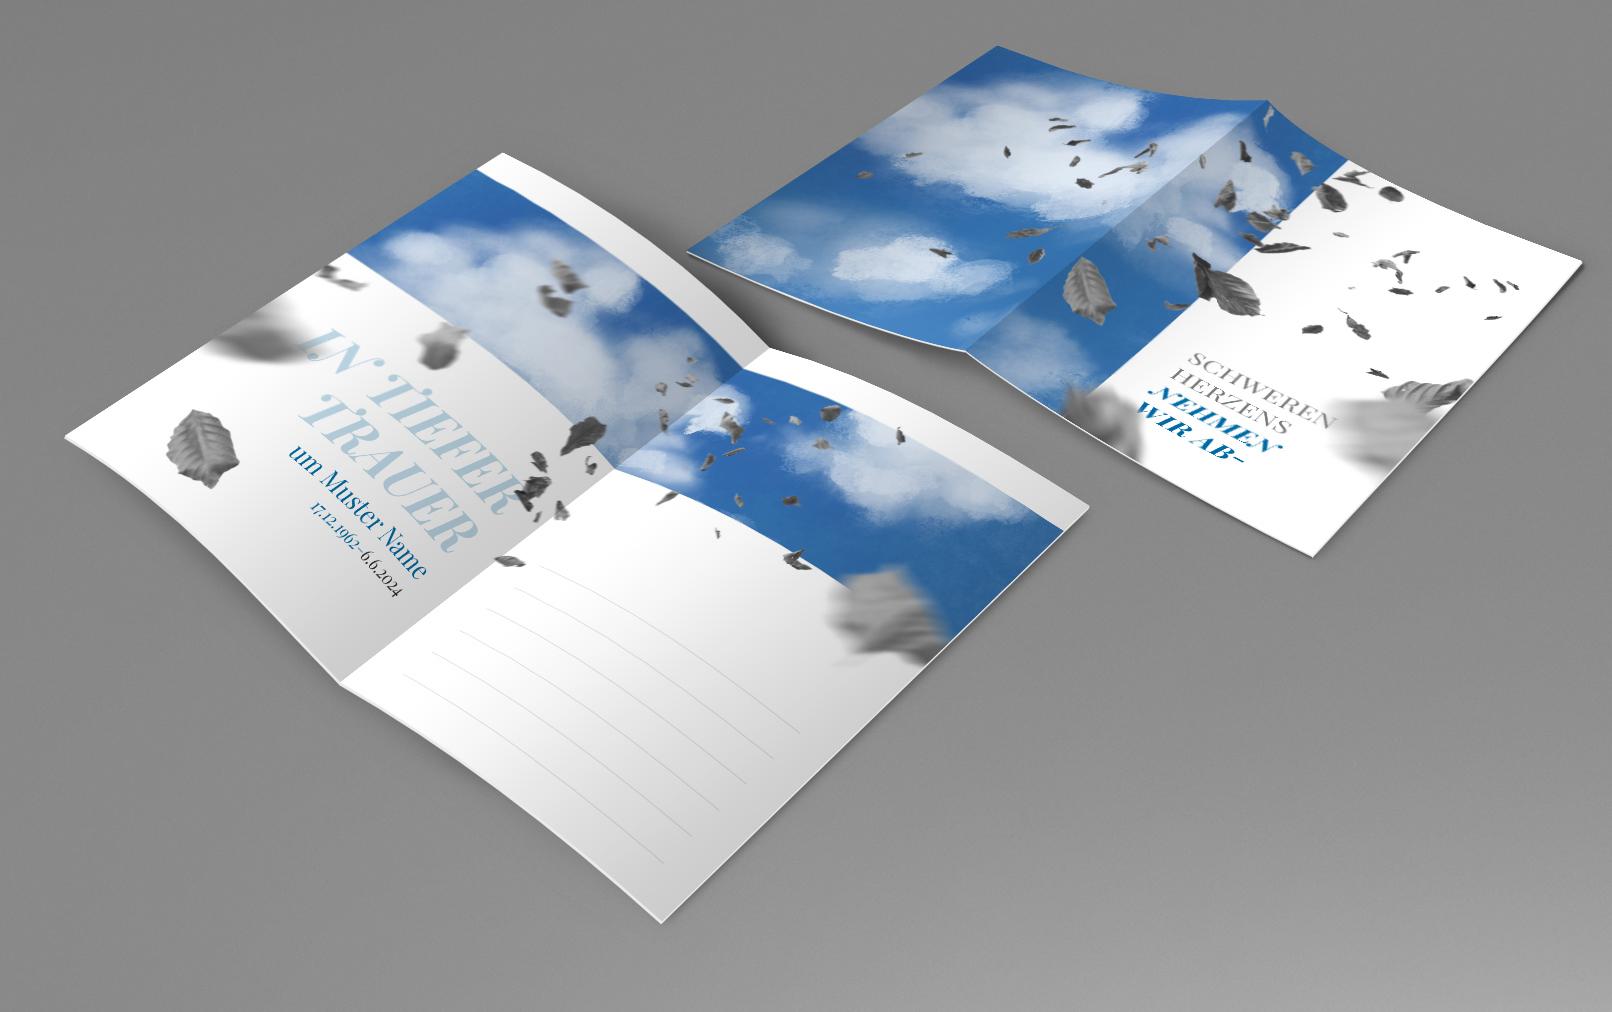 Vorlage für Beileidskarte, Kondolenzkarte als A5-Klappkarte mit Herbstblättern vor einem bewölkten Himmel